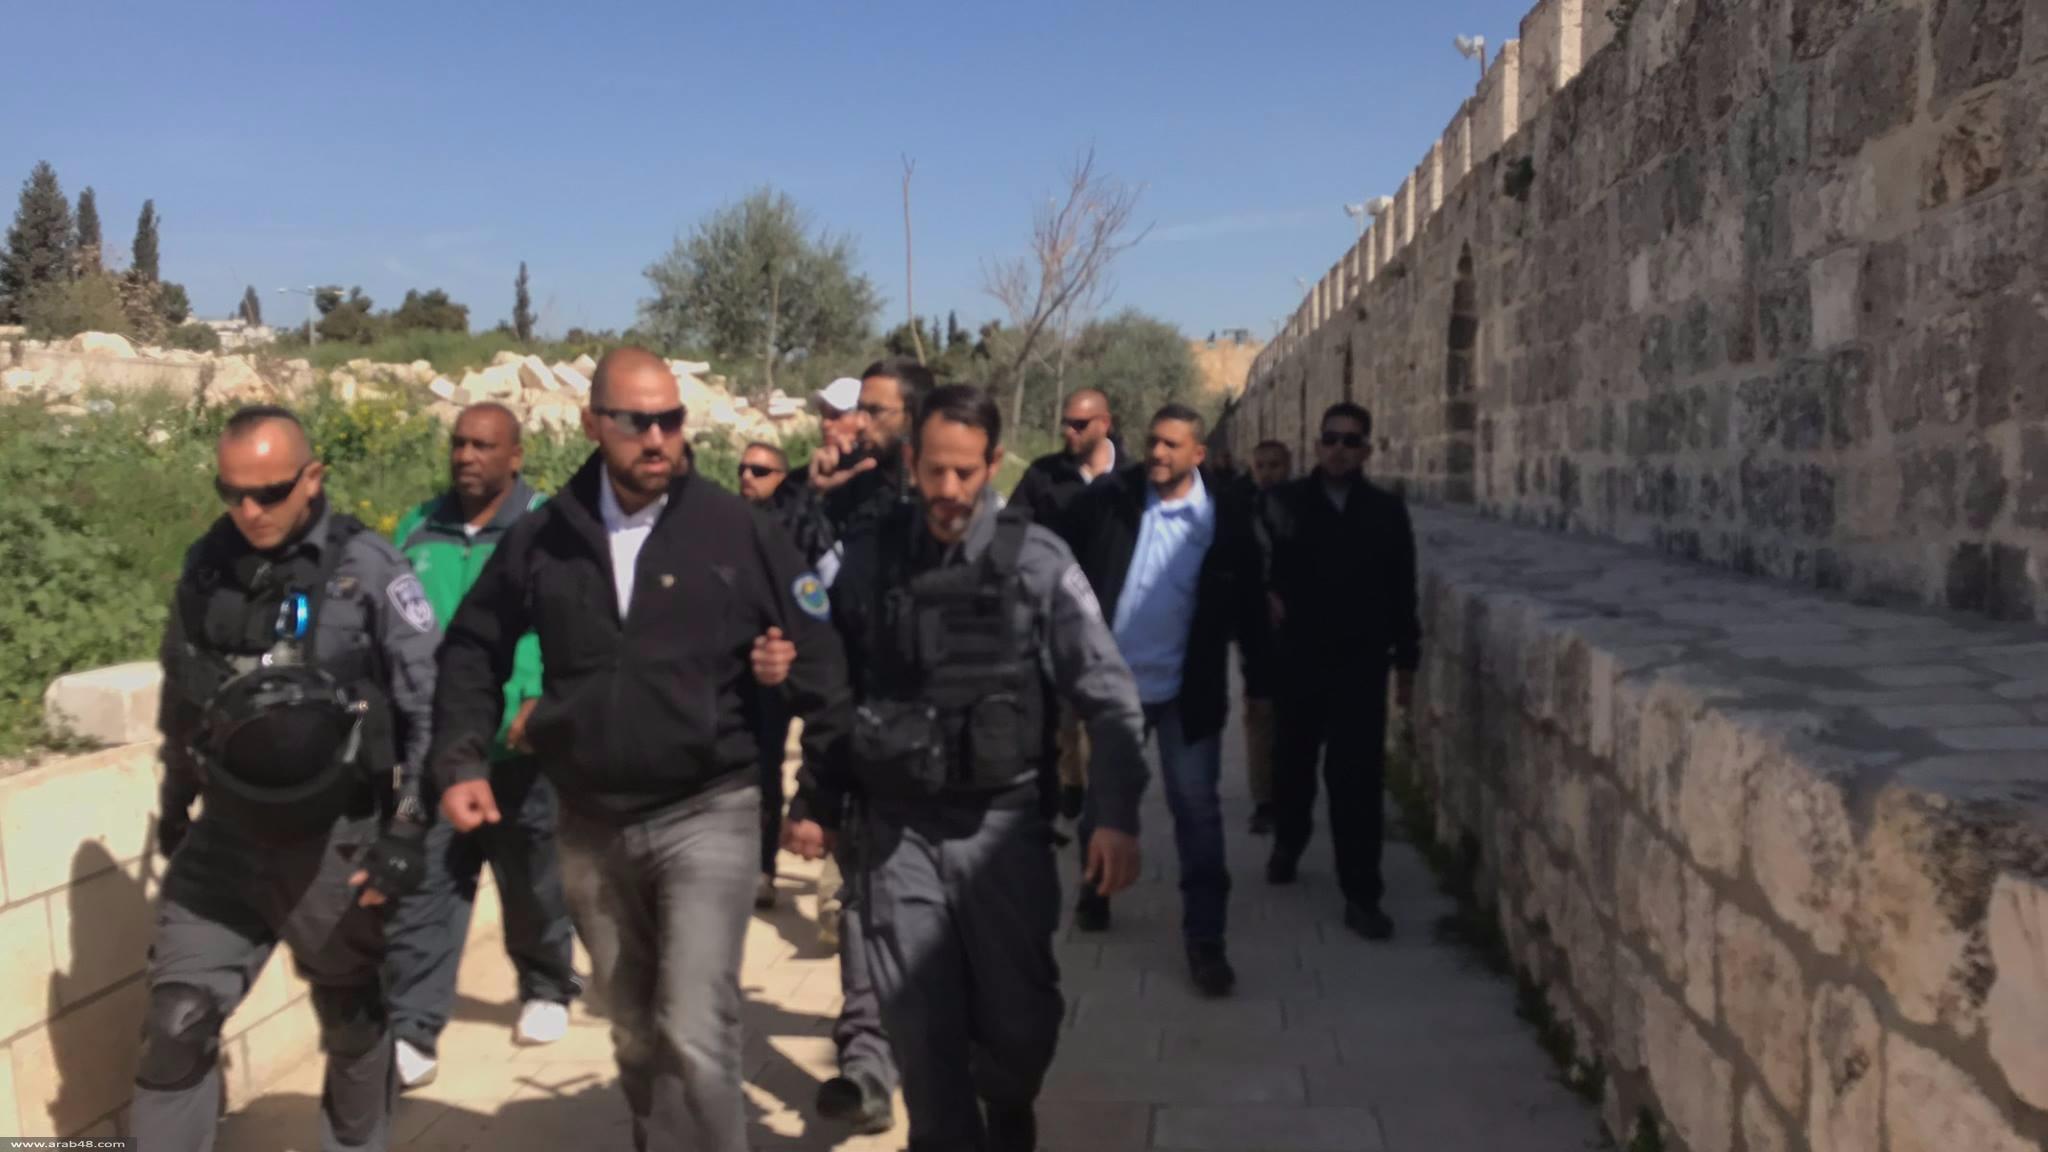 مدير المسجد الأقصى: التصعيد الإسرائيلي غير مسبوق